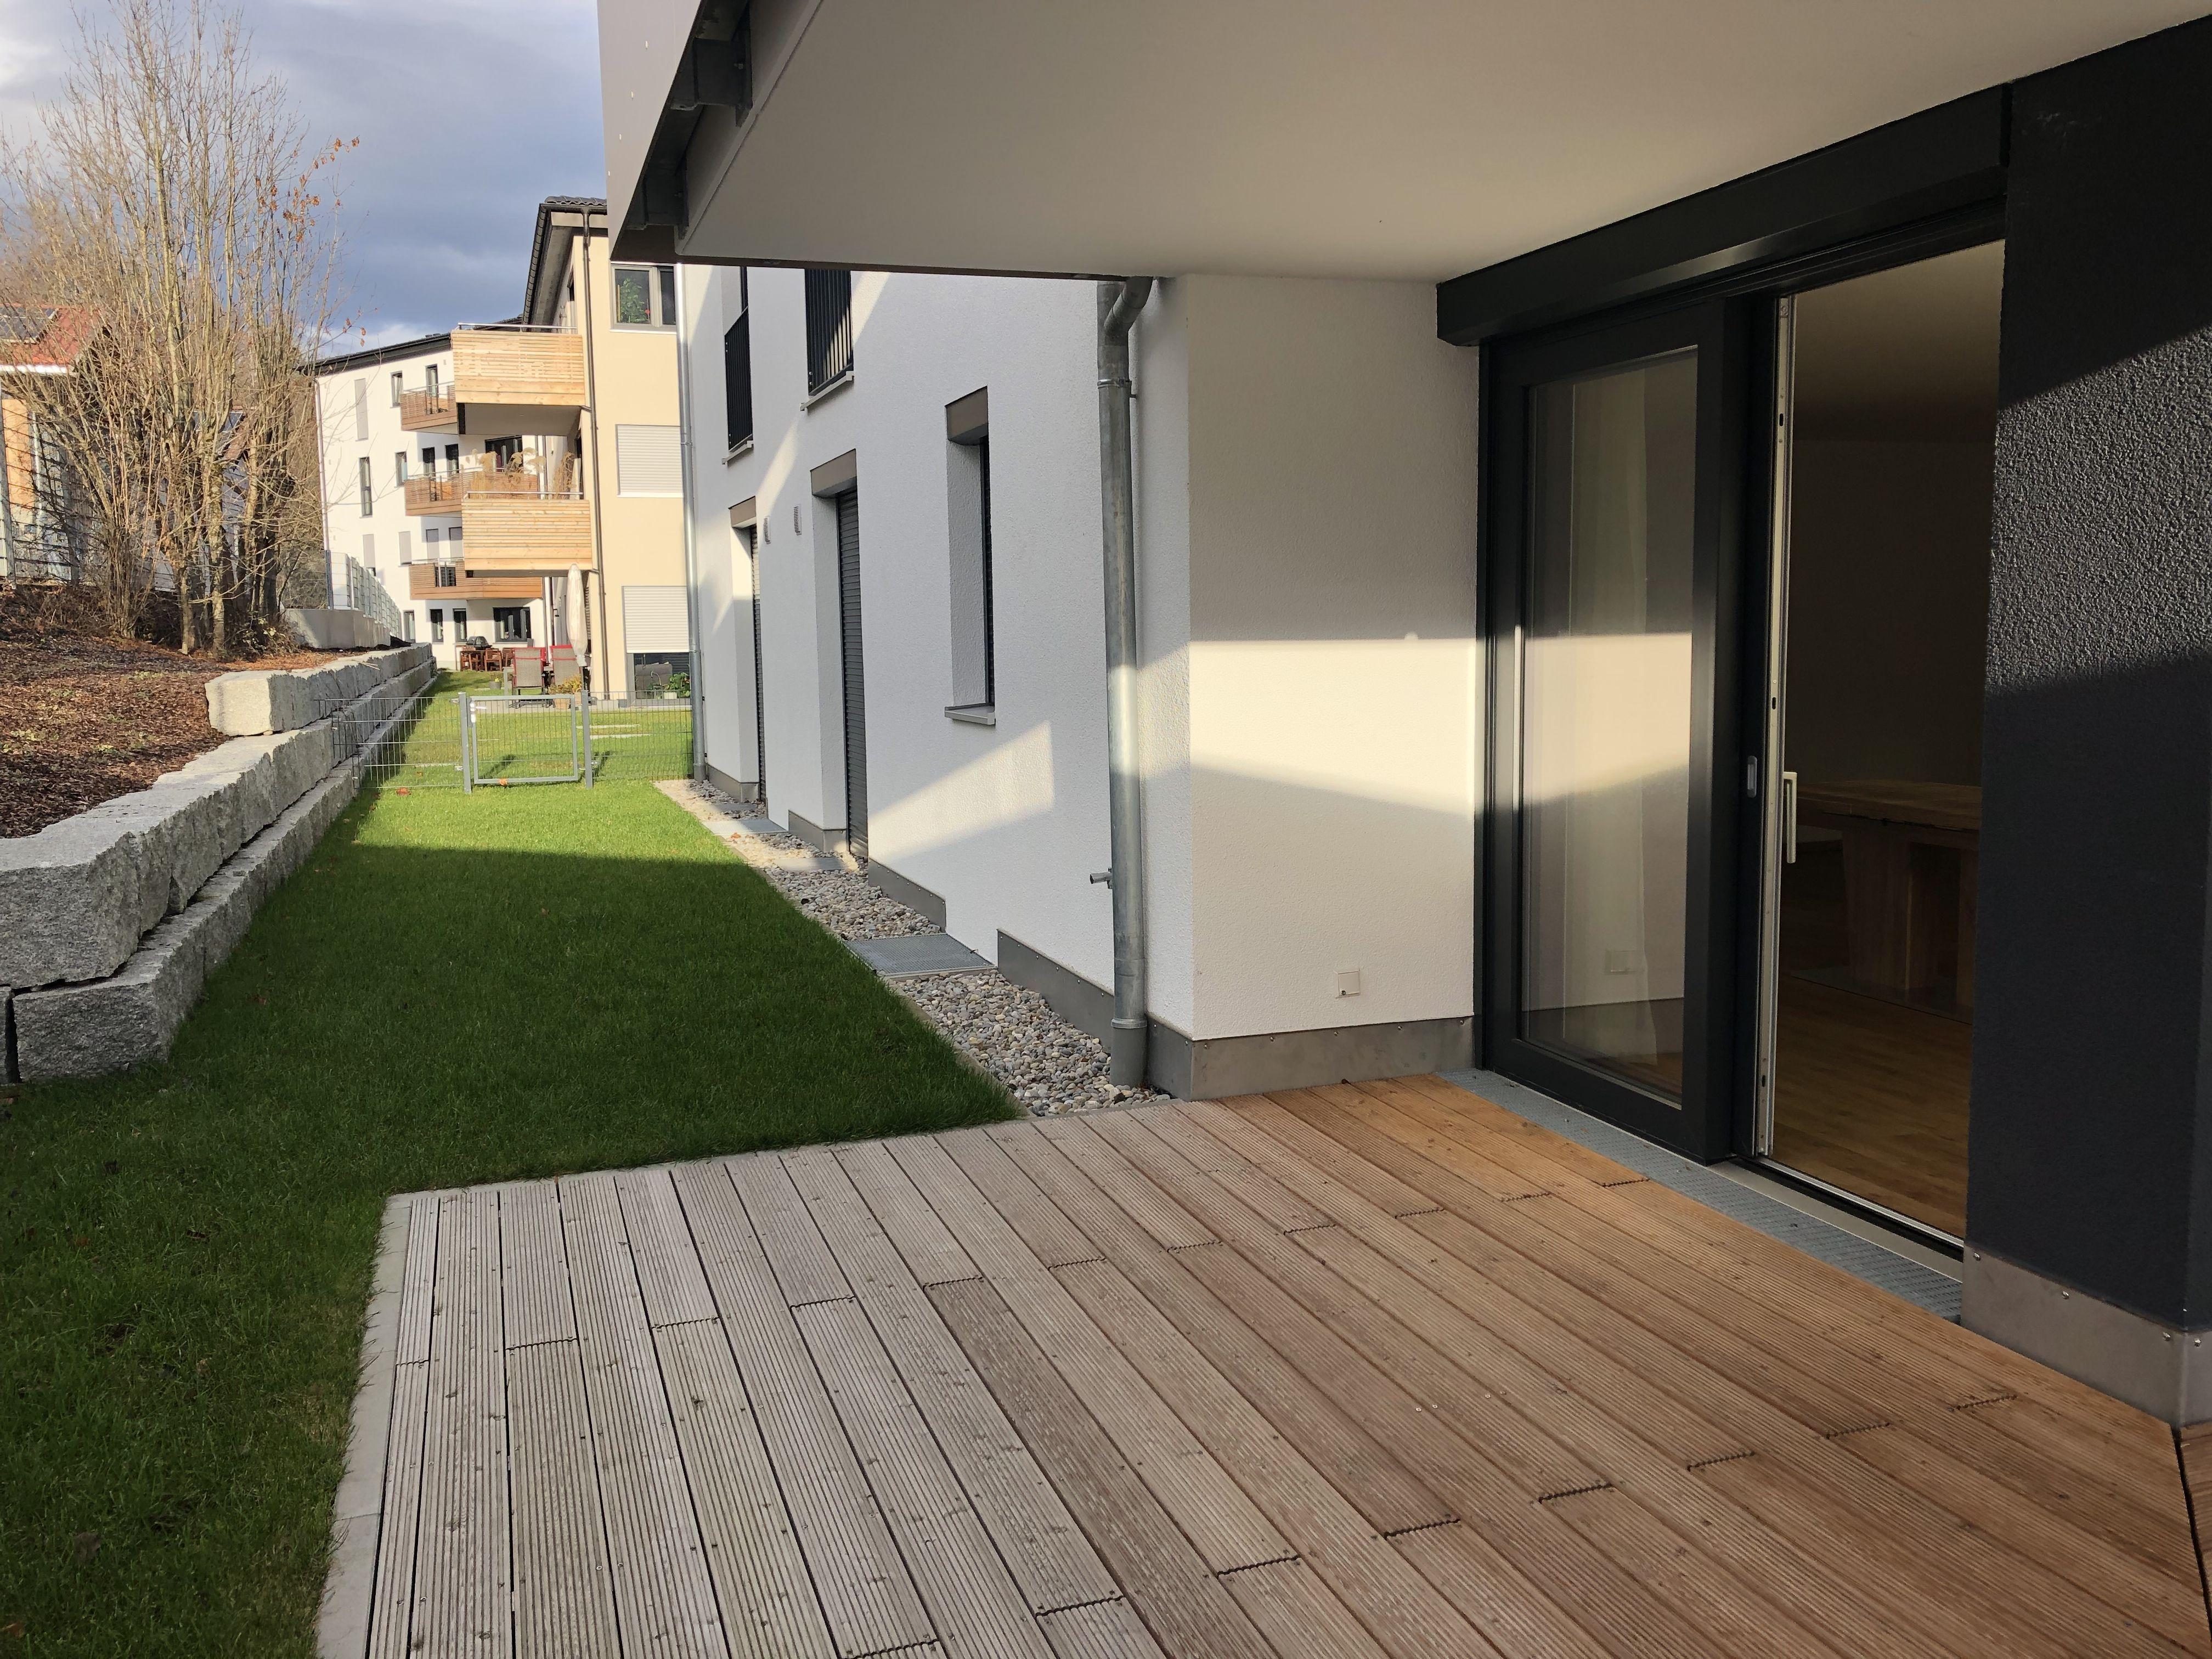 3 Zimmer Terrassenwohnung 4 Sale Terrassenwohnung Haus Verkaufen Wohnung Mieten